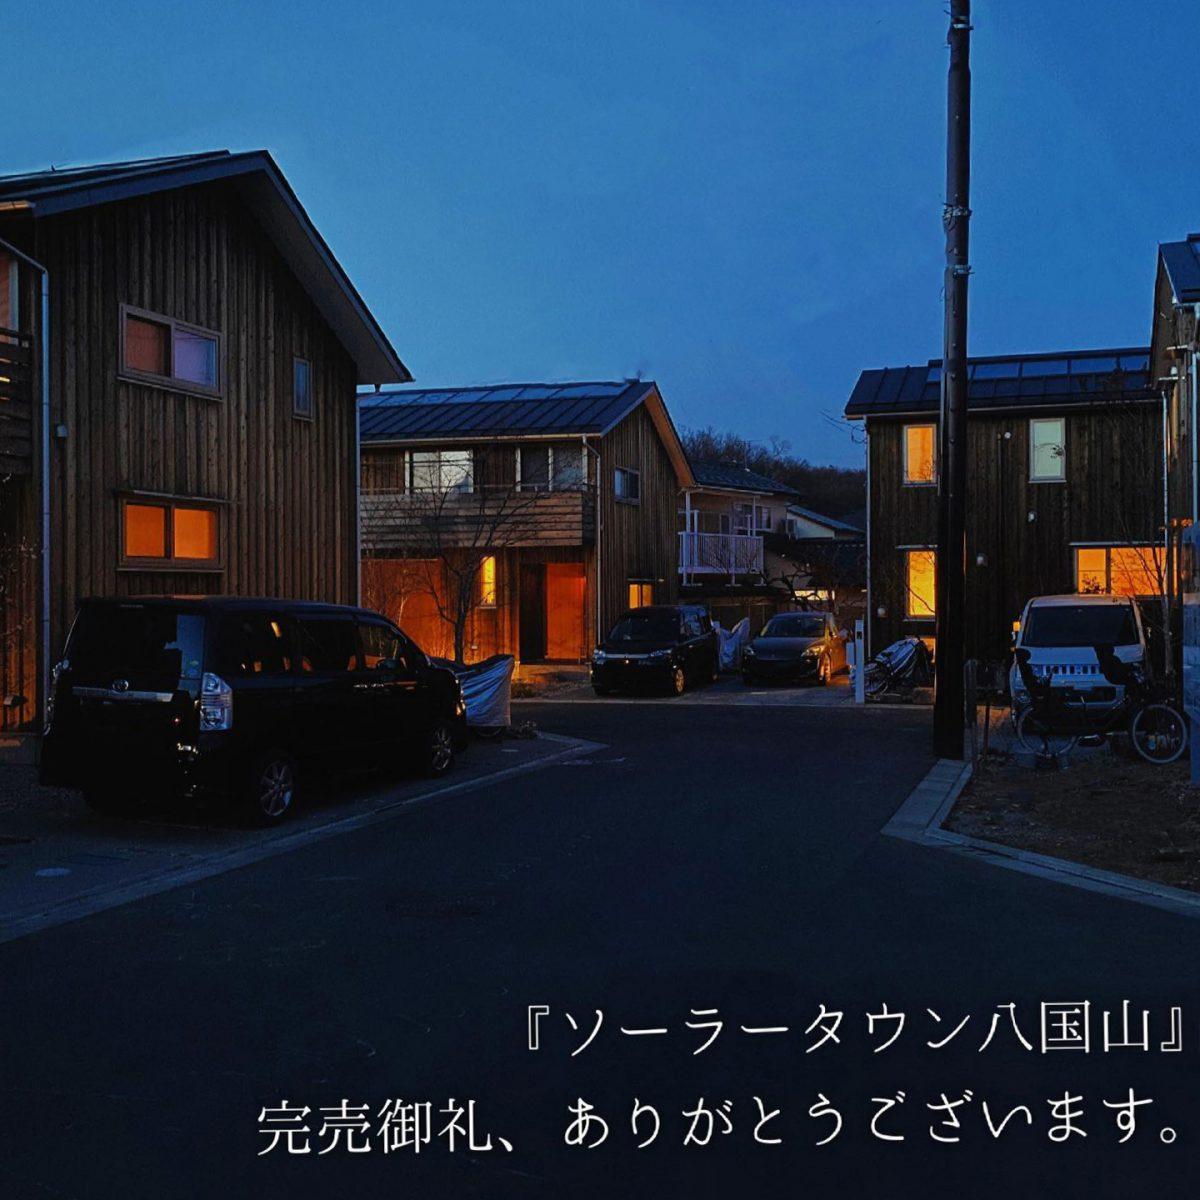 【完売御礼】ソーラータウン八国山